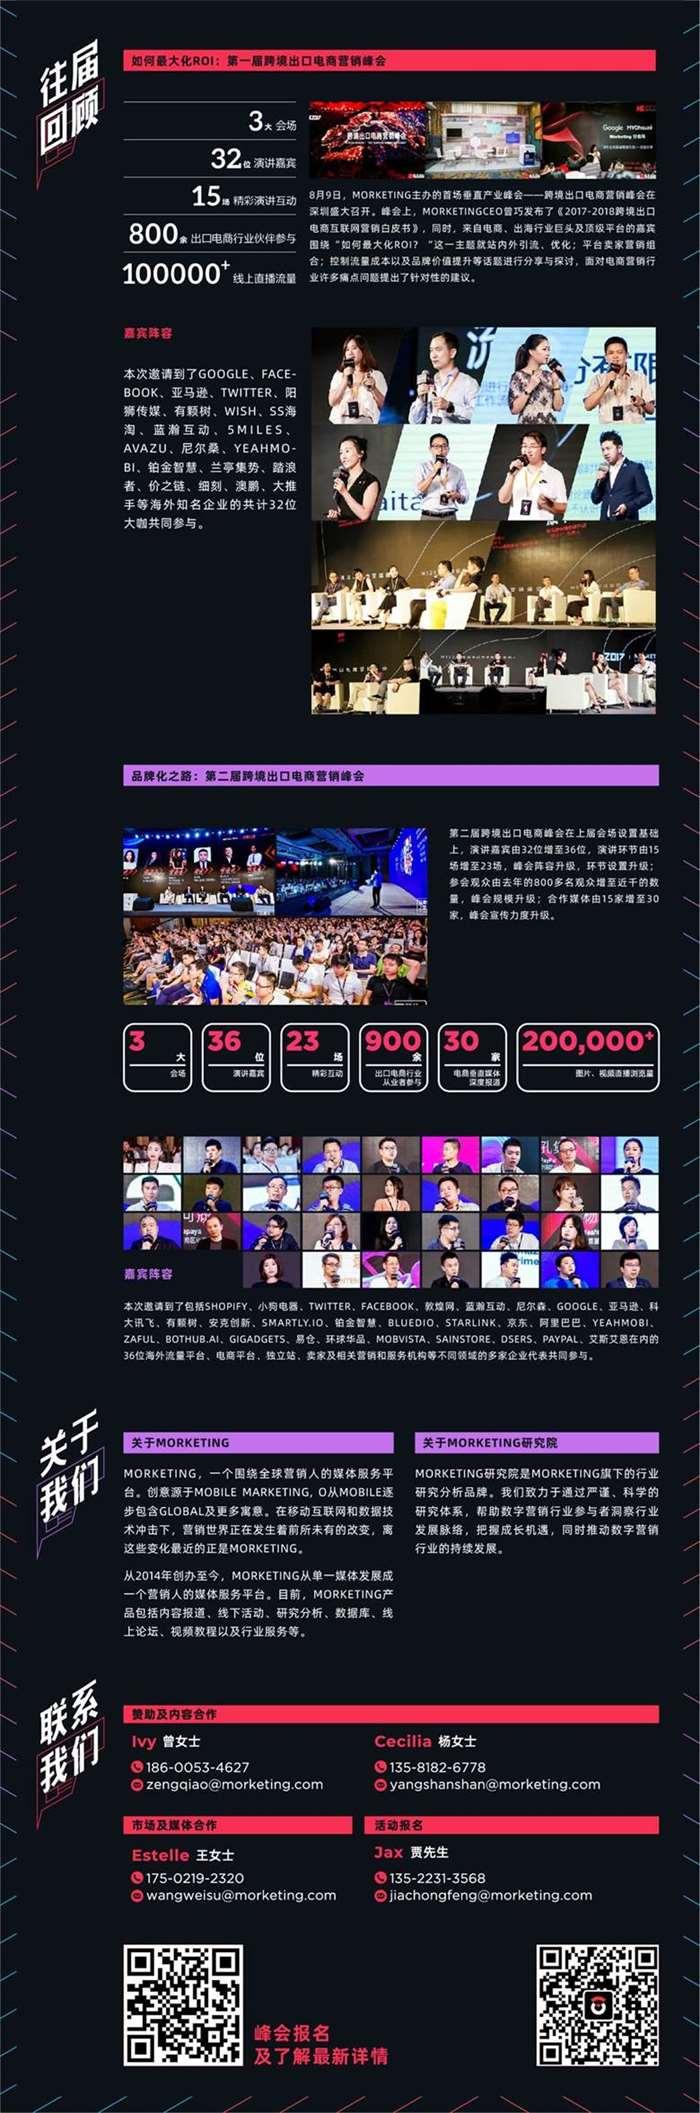 深圳电商峰会-活动行详情页面长图-02.jpg